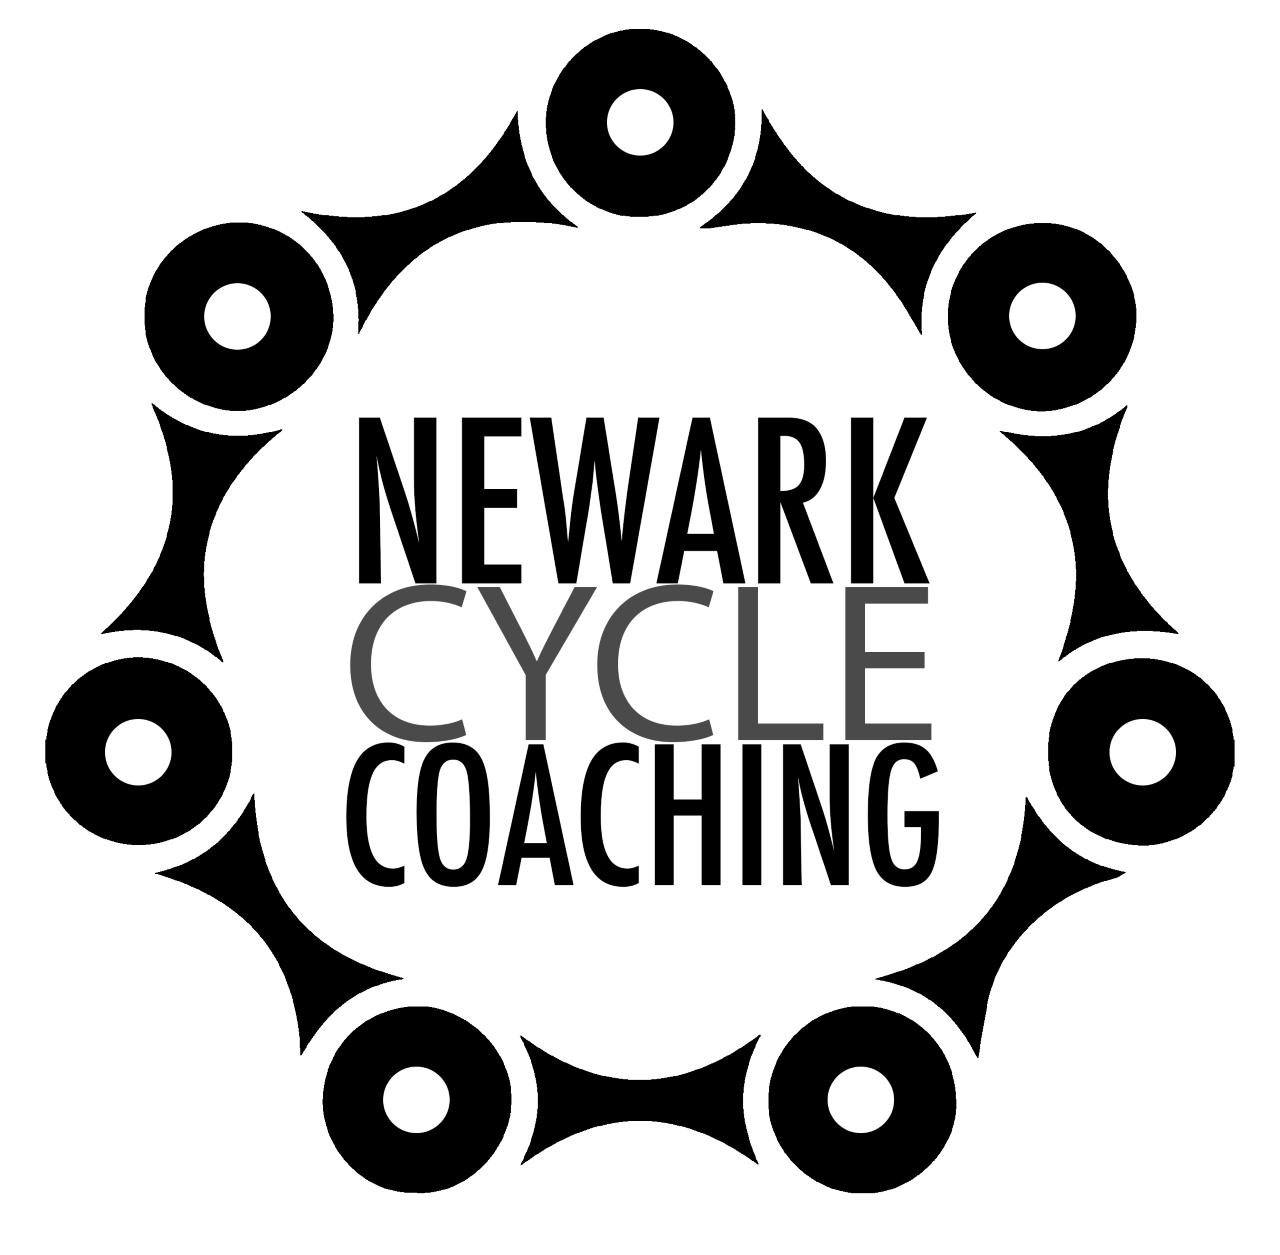 NEWARK CYCLE COACHING